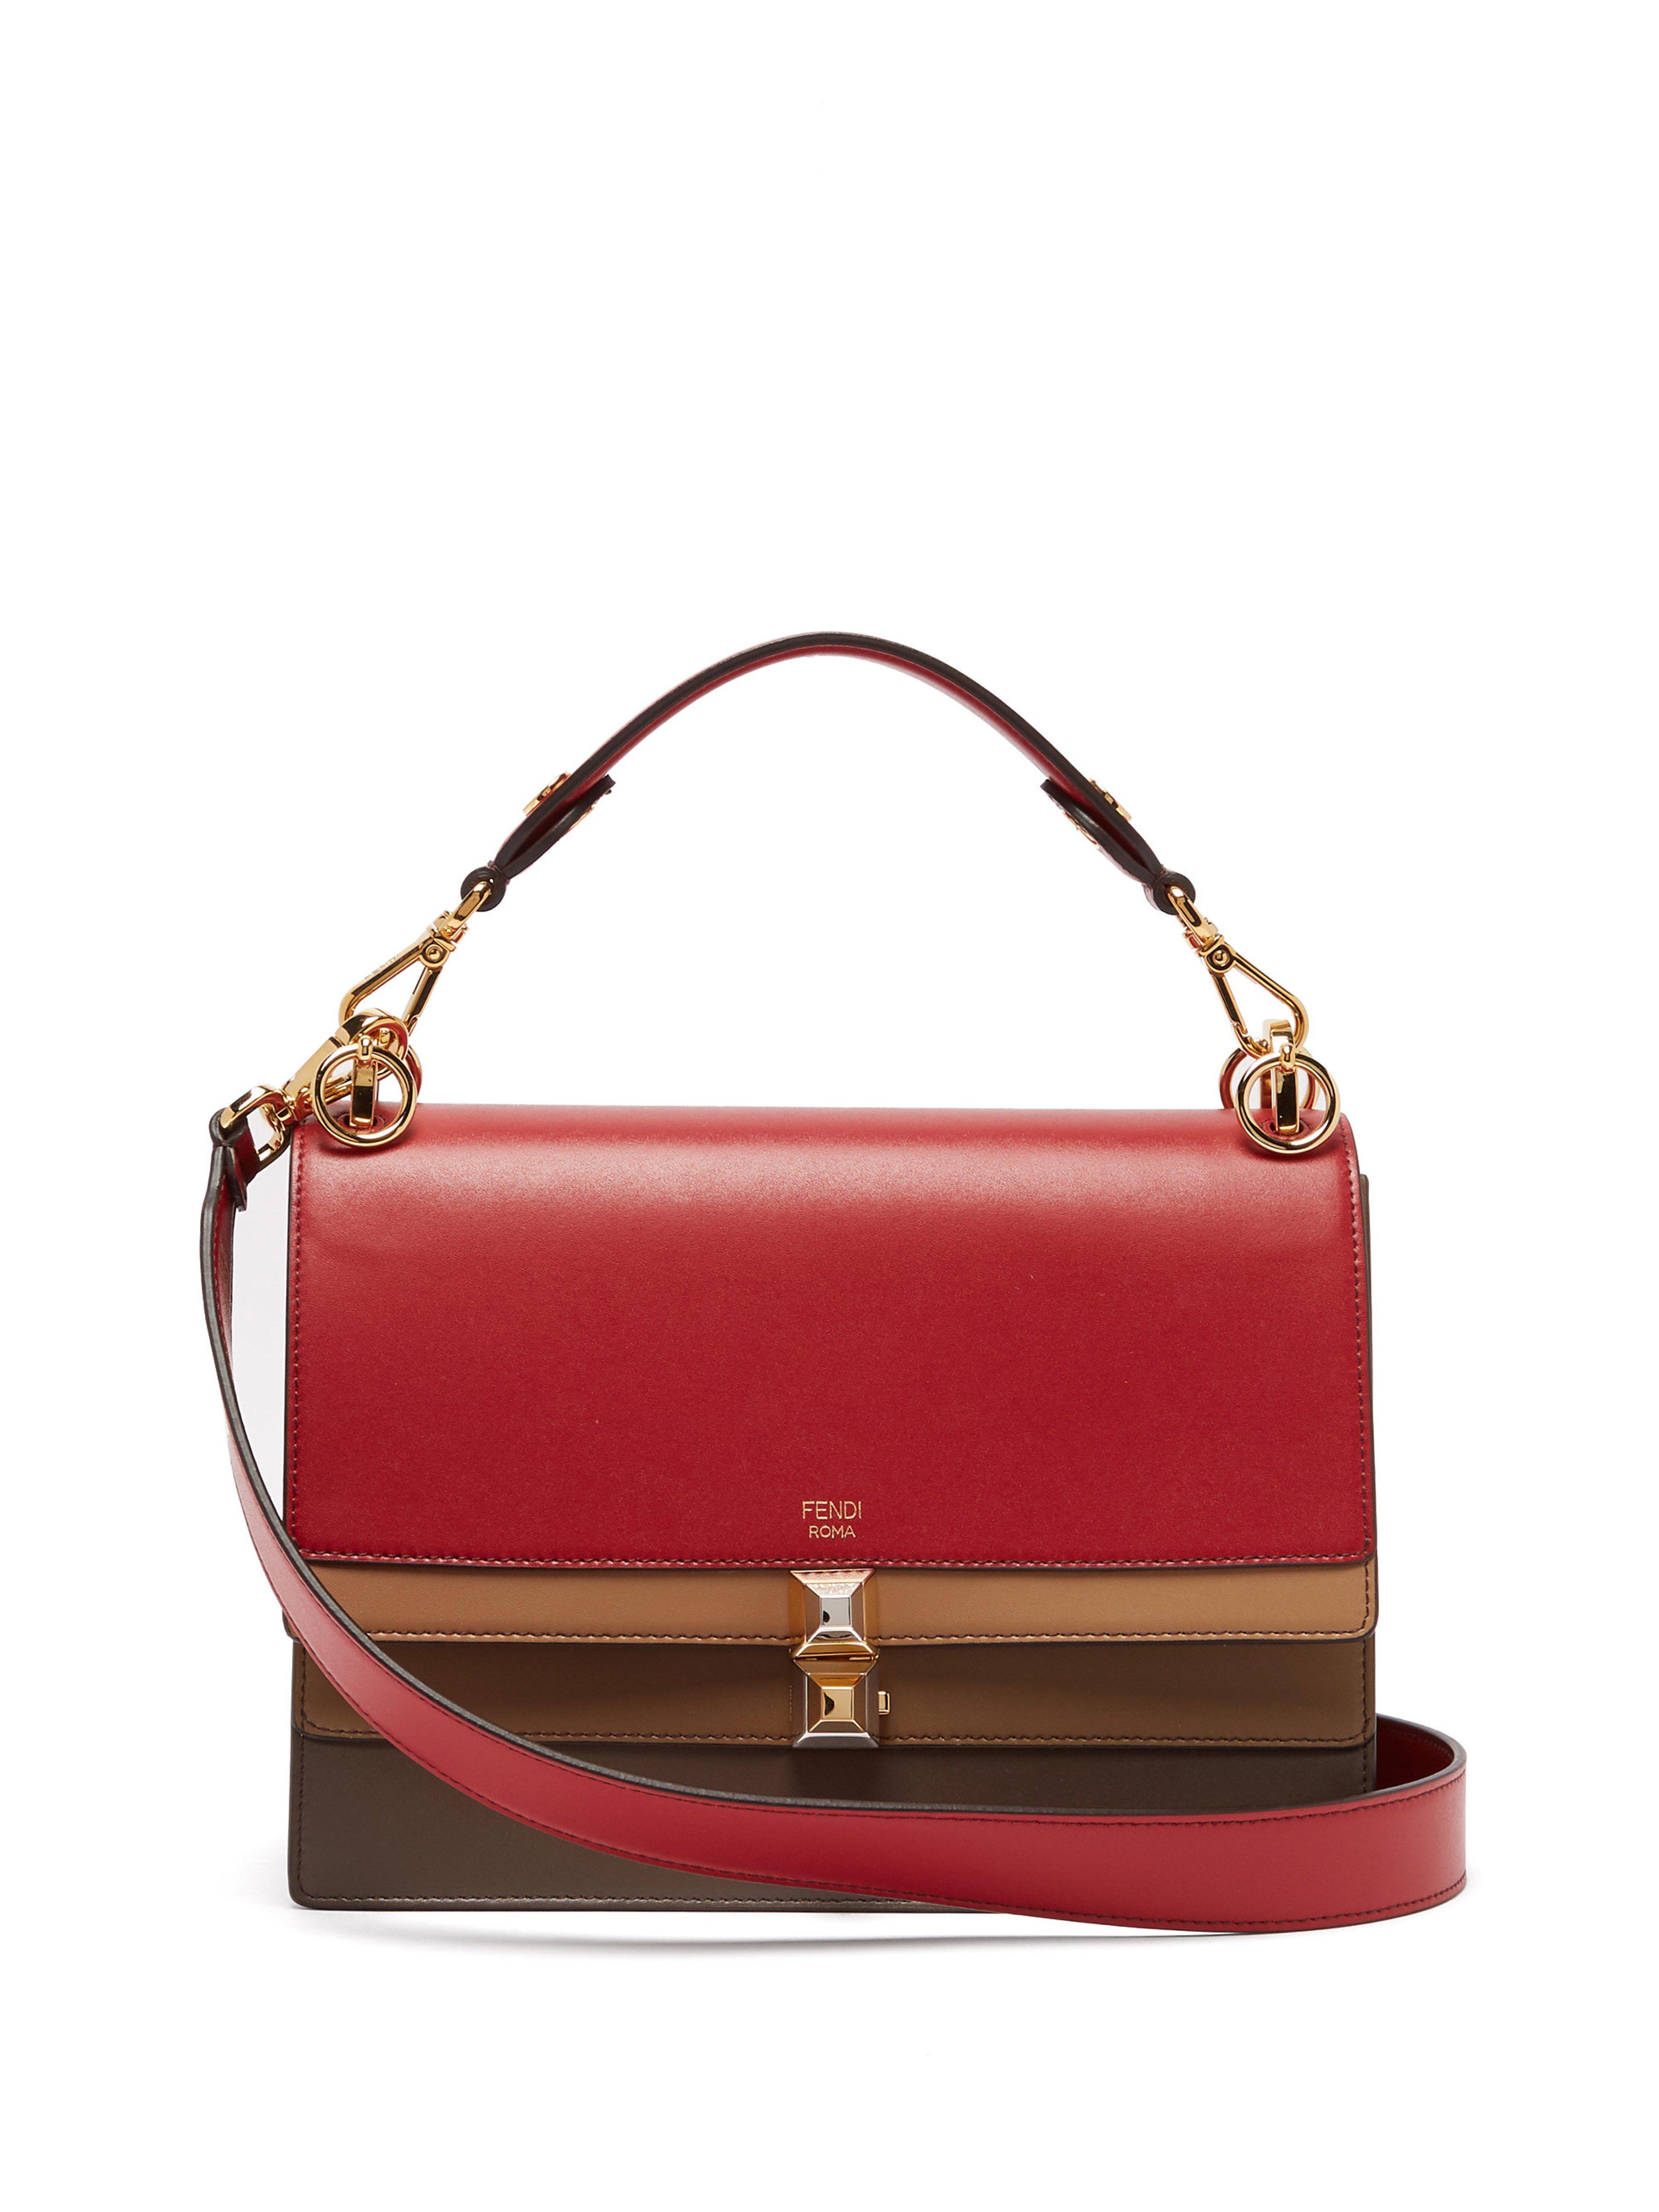 3cafe40a12b7 Fendi Kan I Leather Shoulder Bag in Red - Lyst